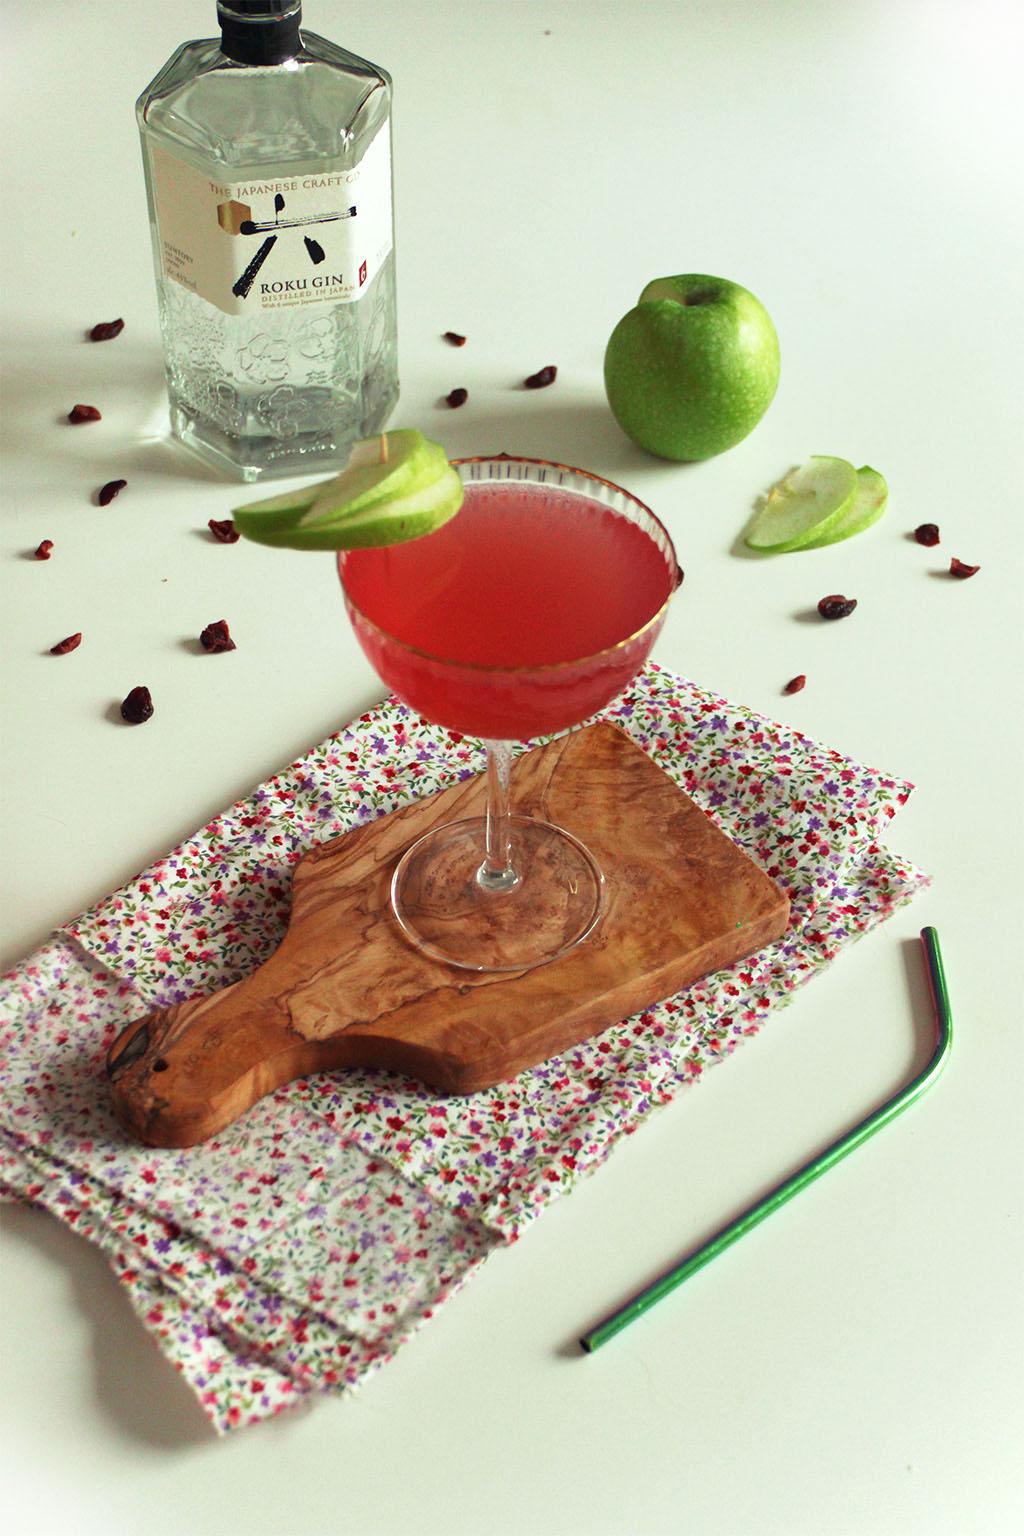 Cocktails Boissons lourd de base COINTREAU 1.3 L Verre Cruche à eau pichet Jus